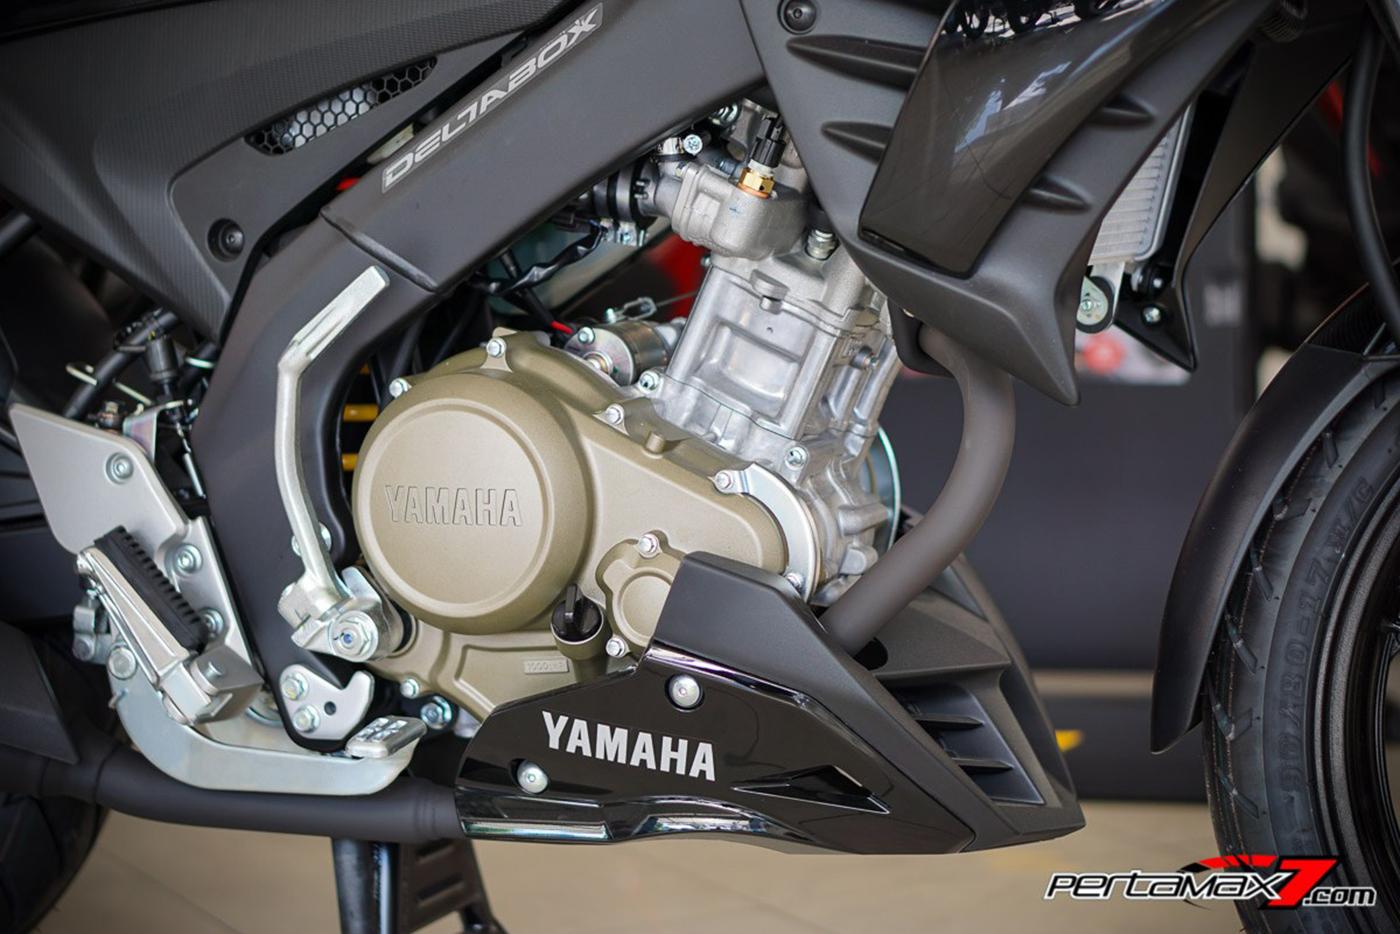 yamaha-vixion-150-2017-9.jpg